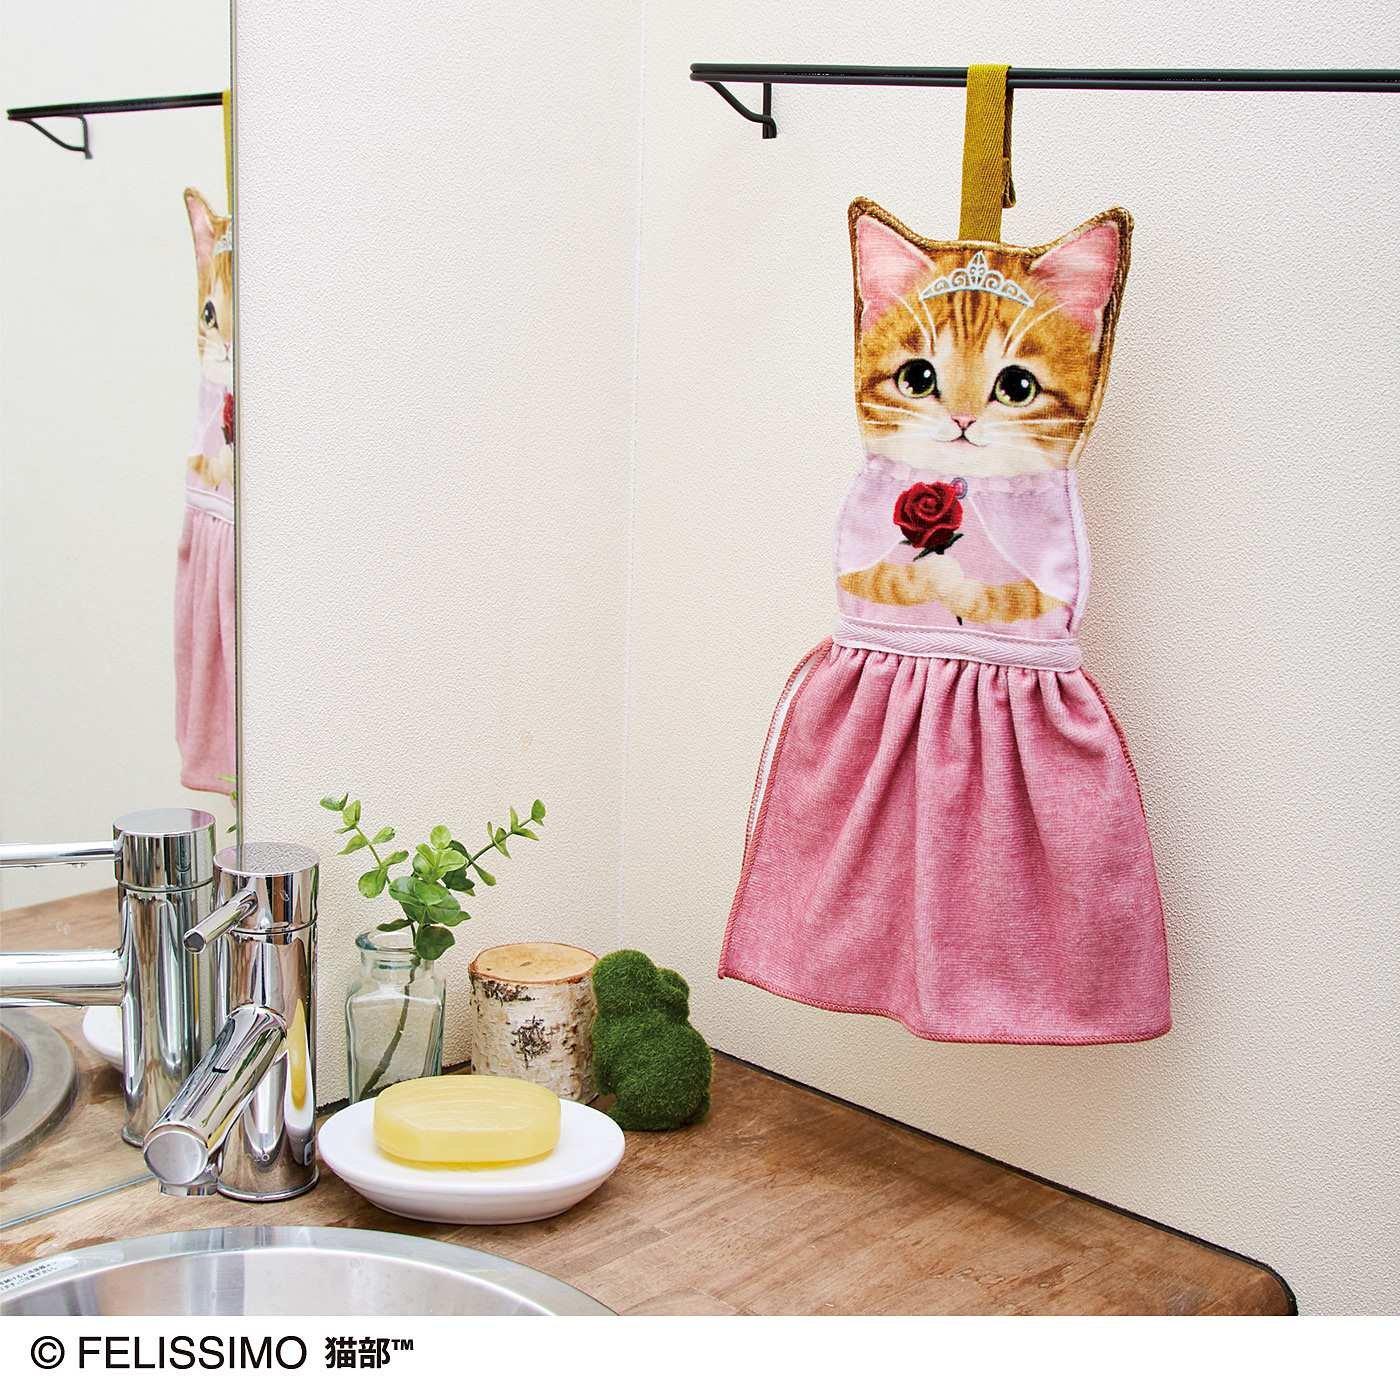 童話の世界 猫が主役のドレスタオルの会